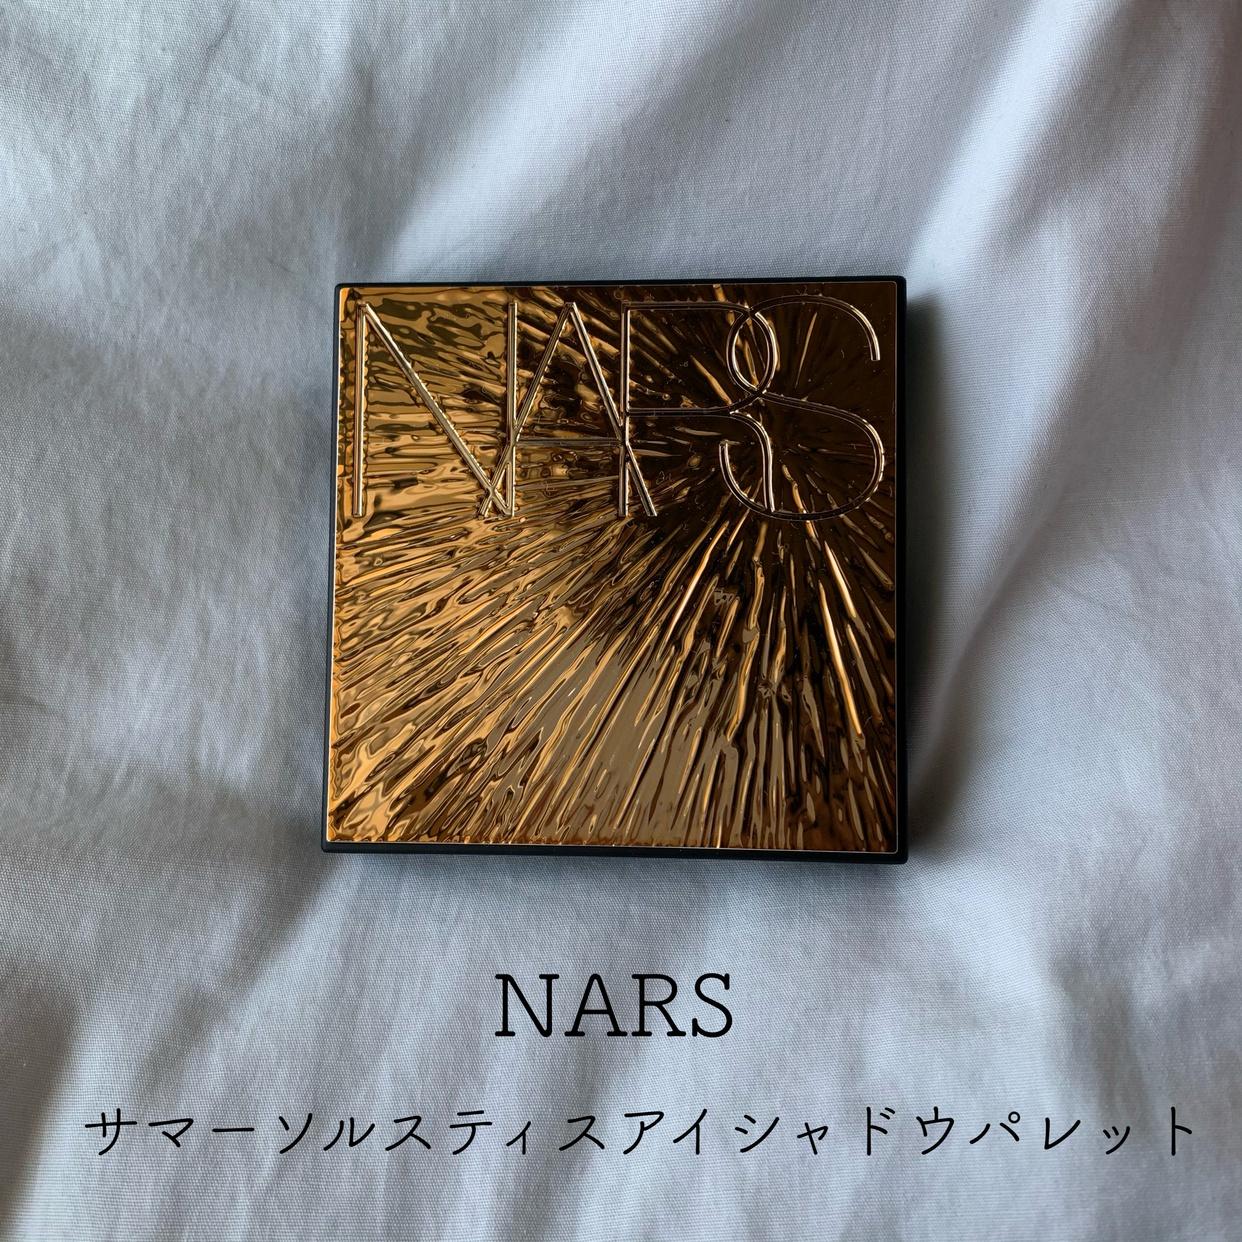 NARS(ナーズ) サマーソルスティス アイシャドーパレットを使ったとあさんのクチコミ画像1